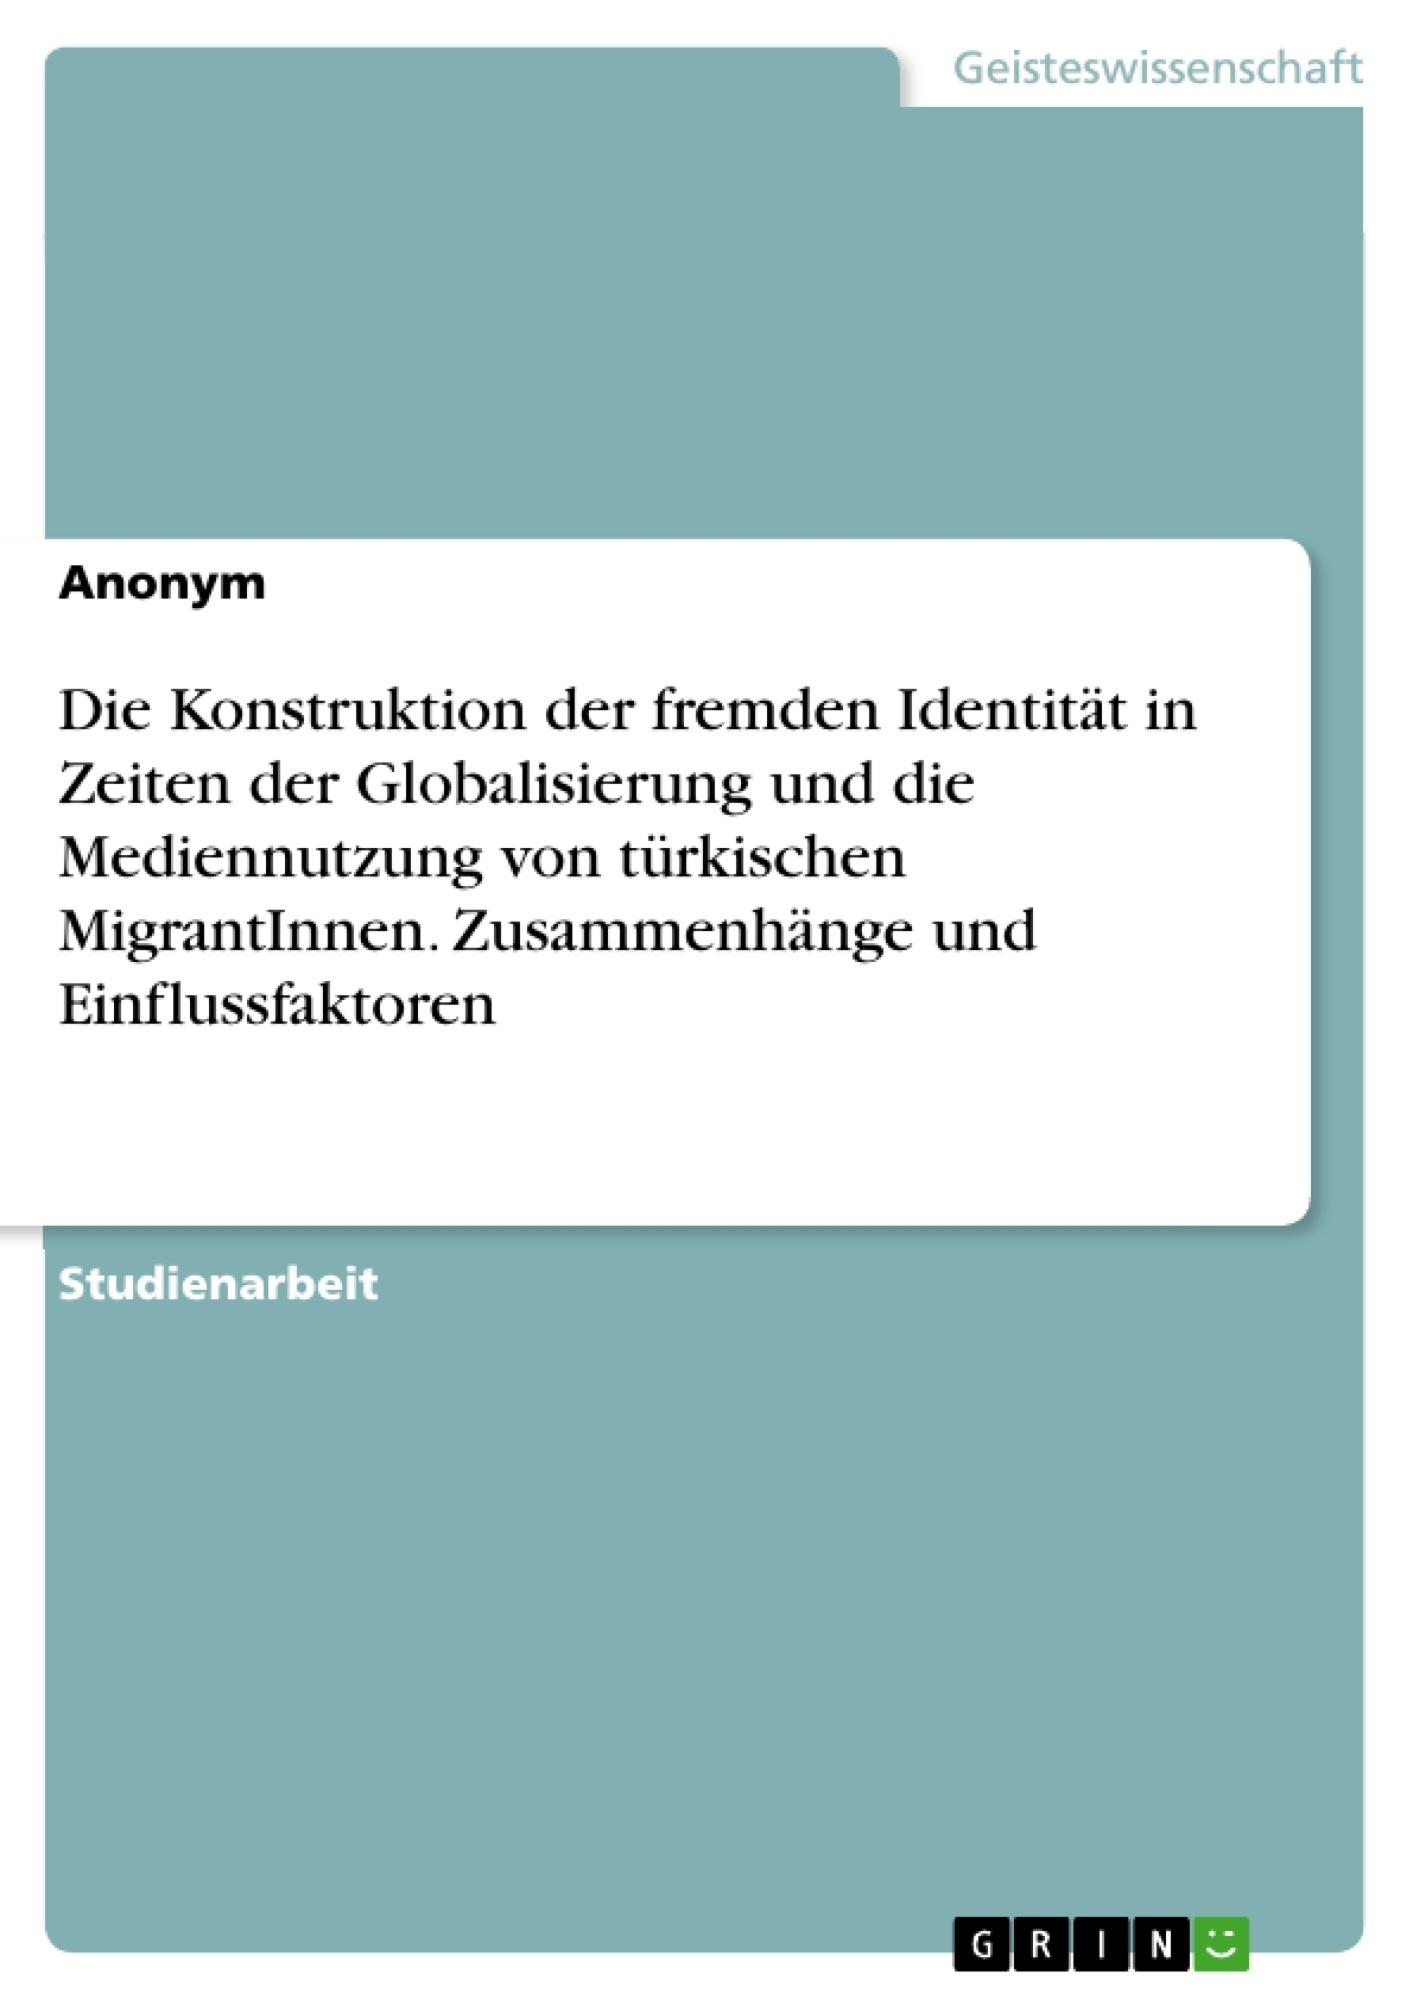 Titel: Die Konstruktion der fremden Identität in Zeiten der Globalisierung und die Mediennutzung von türkischen MigrantInnen. Zusammenhänge und Einflussfaktoren